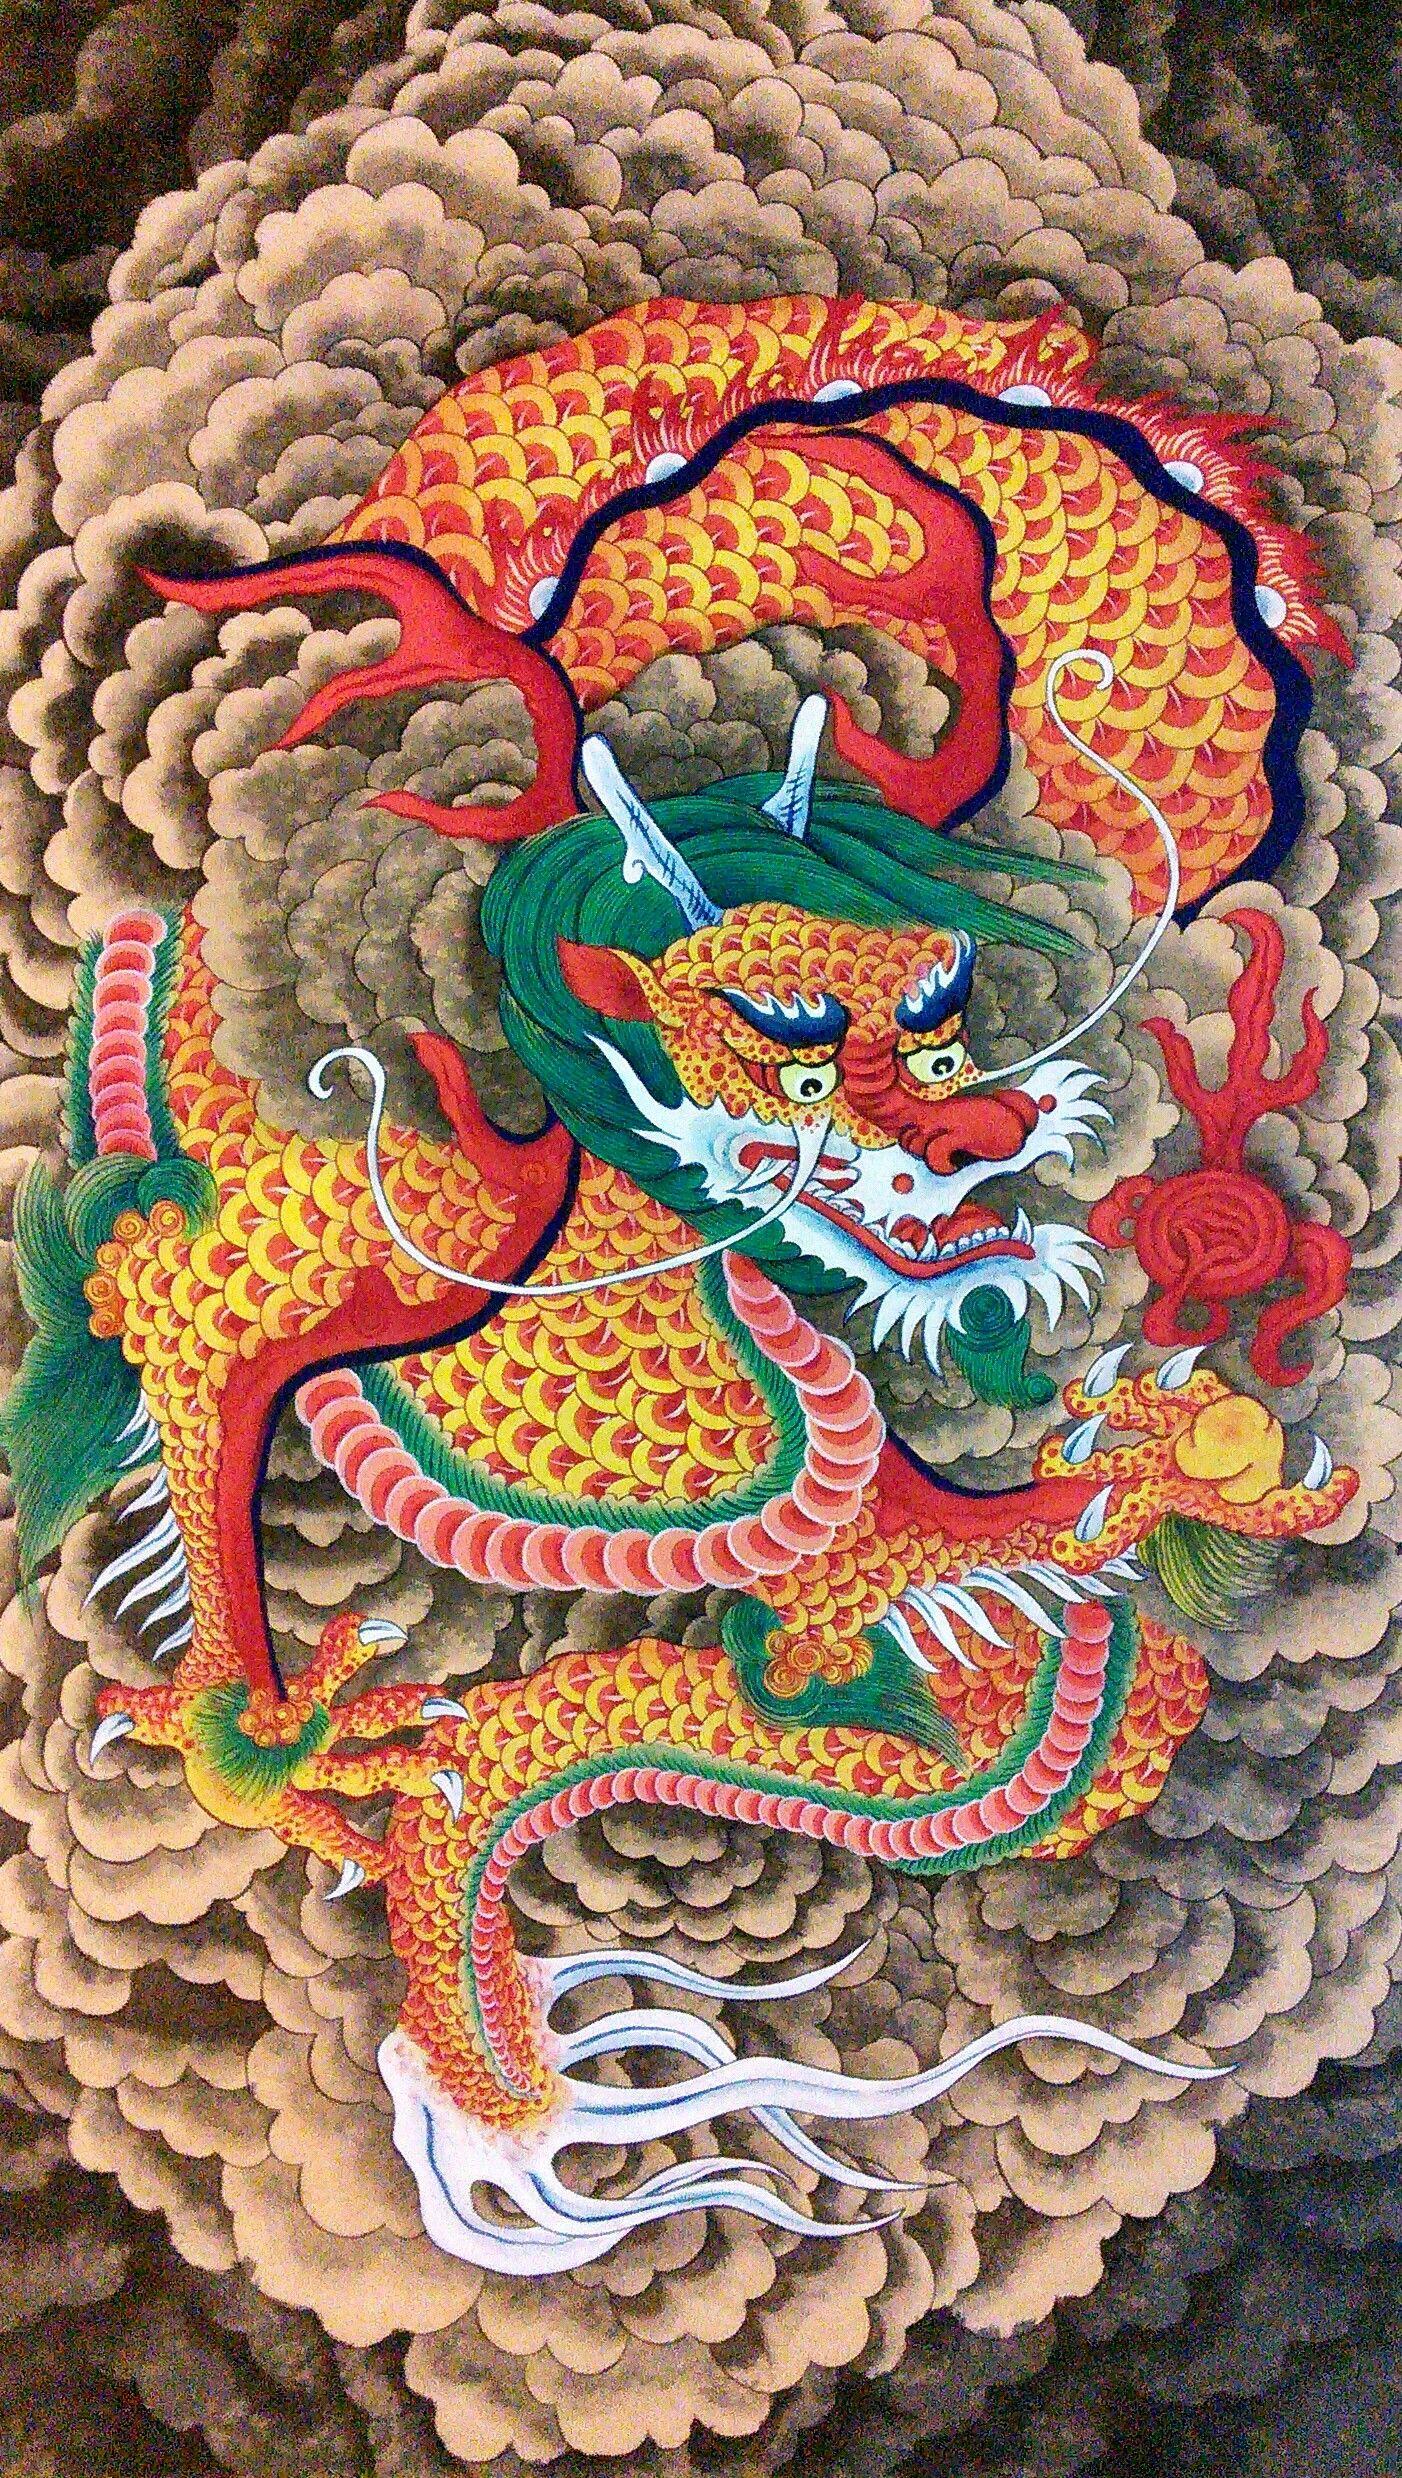 Korean Dragon: 민화. Korea Folk Painting. Folk Art Works On Lee Joungjoo